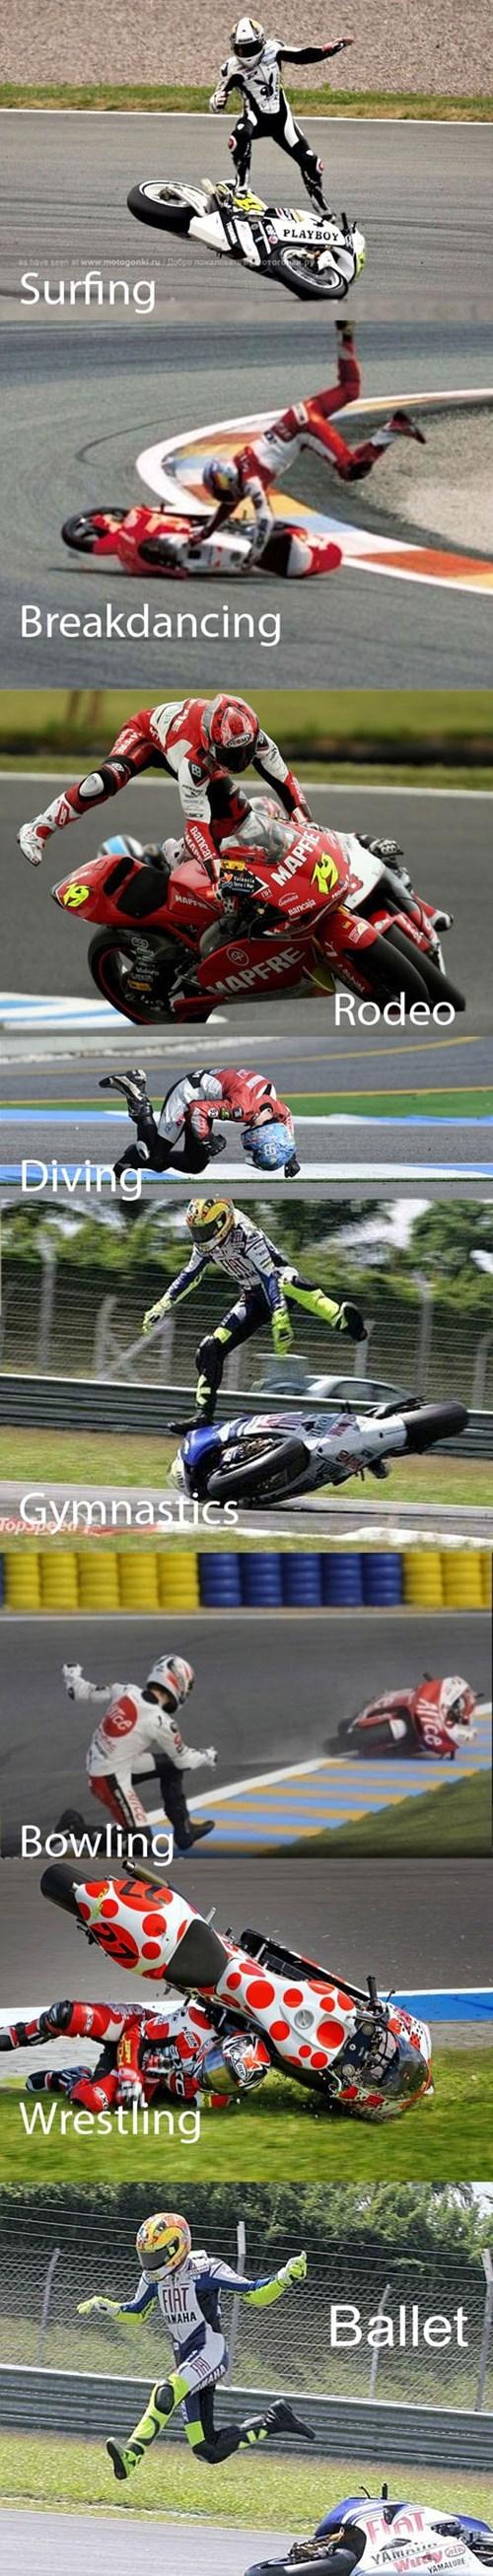 sports,motorcylces,americana